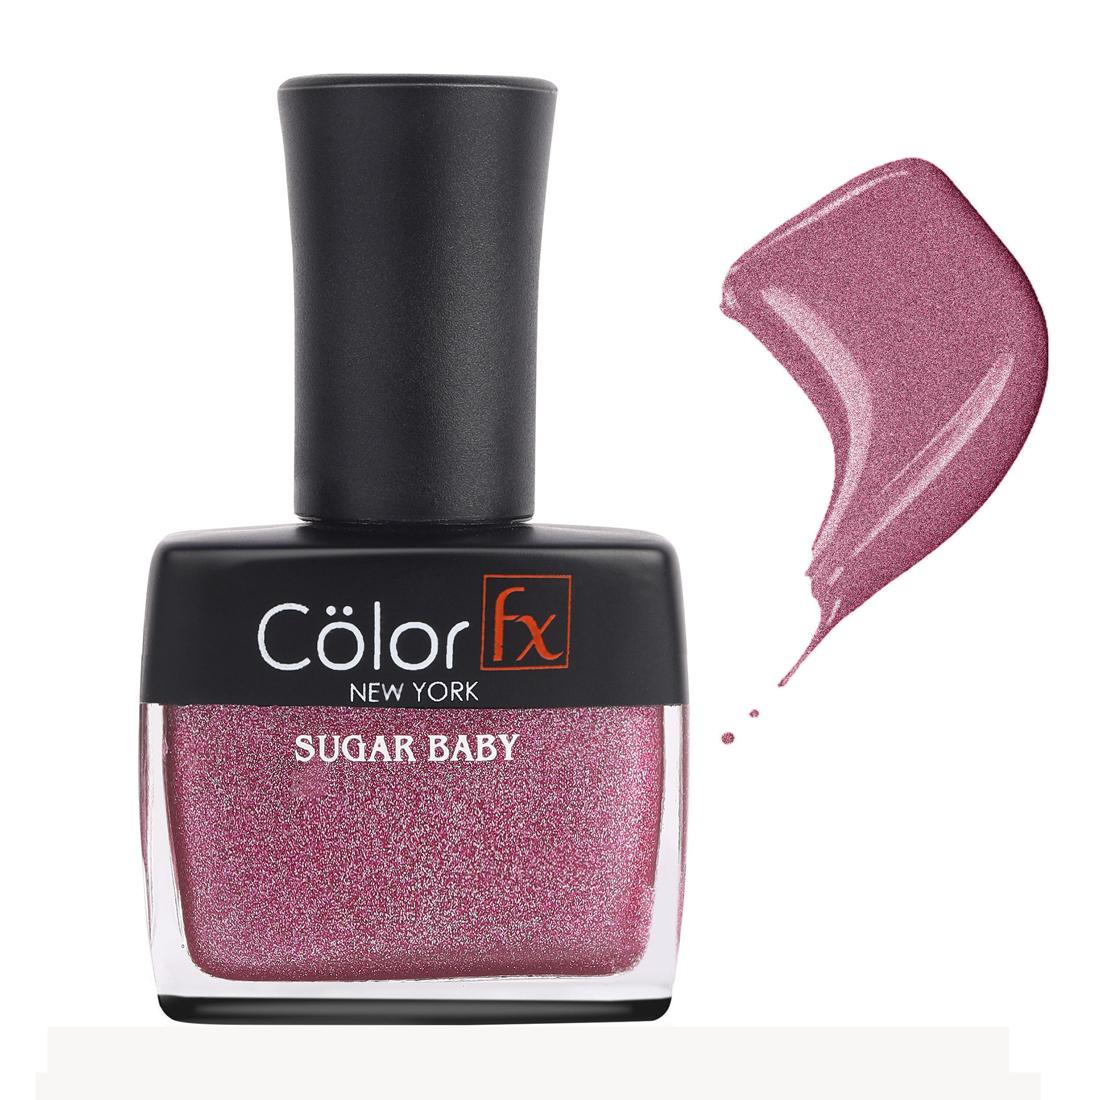 Color Fx | Color Fx Sugar Baby Wedding Collection Nail Enamel, Shade-116